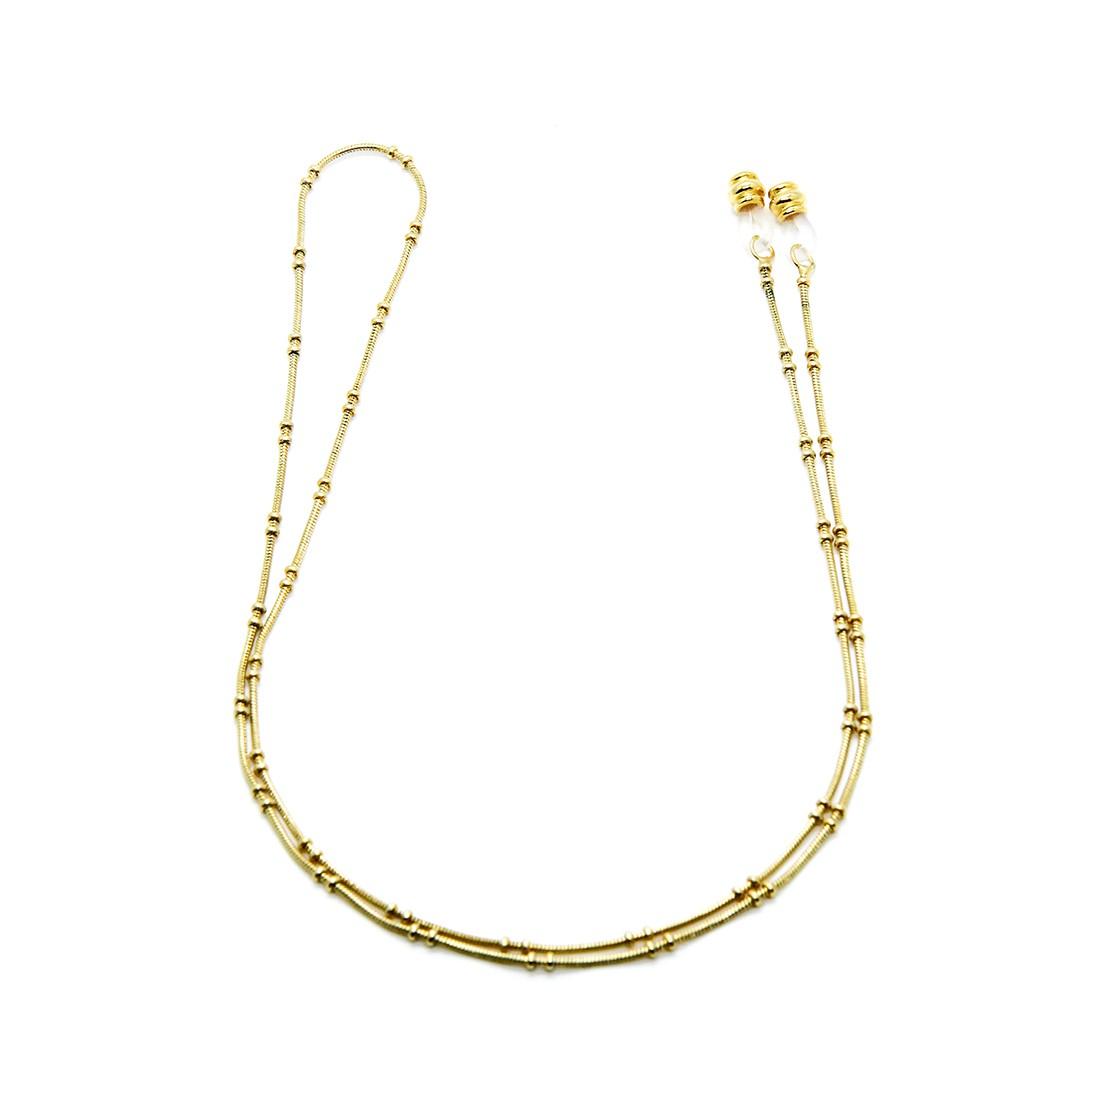 Corrente Especial 5278 62cm Cor Ouro